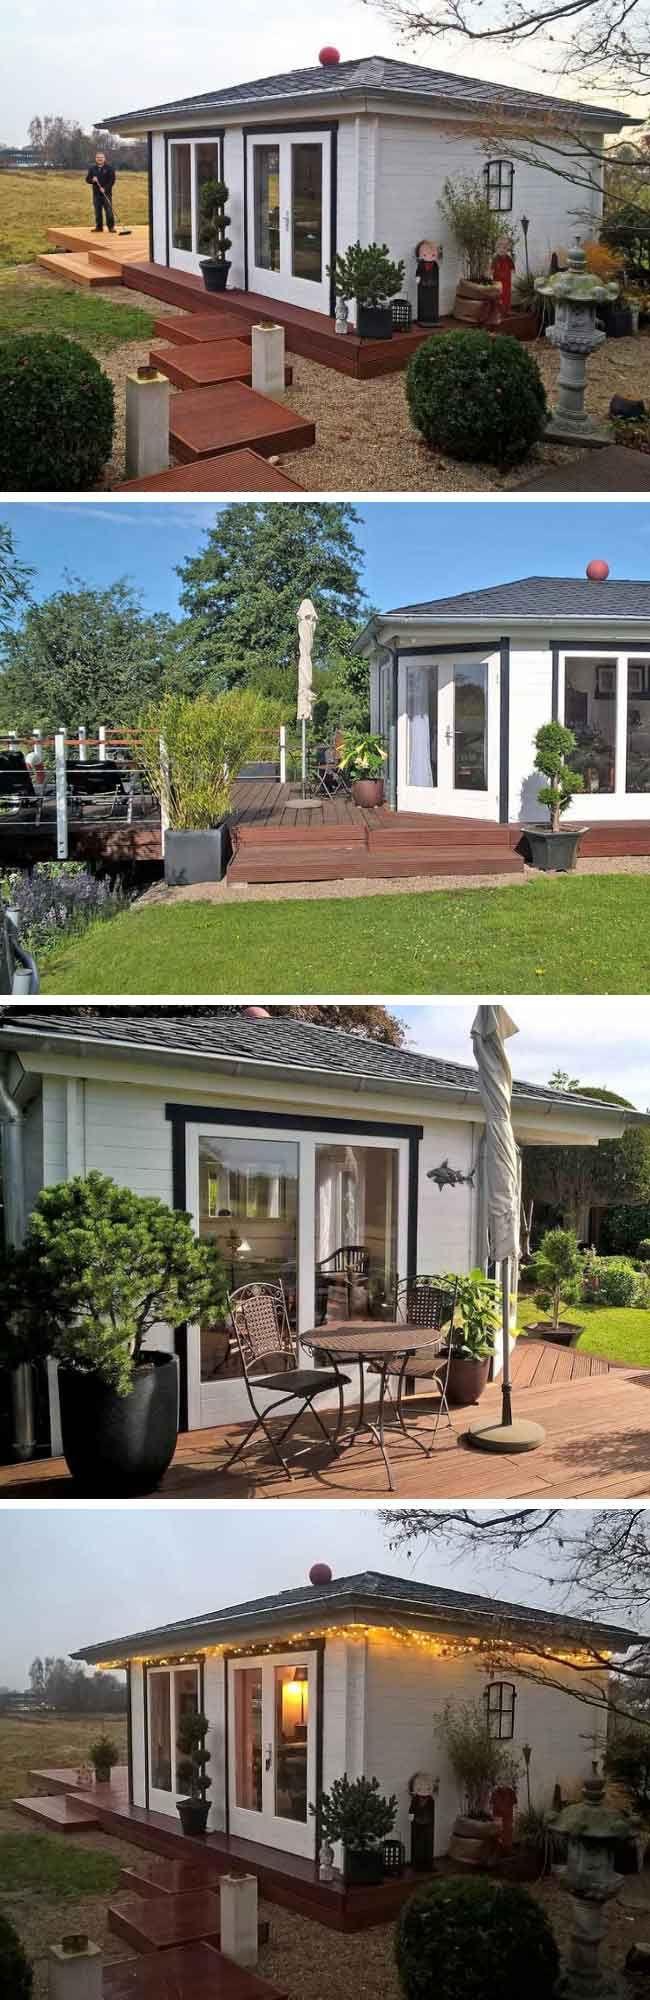 Gartenhaus Julia Perfekt gedämmt vom Boden bis zum Dach